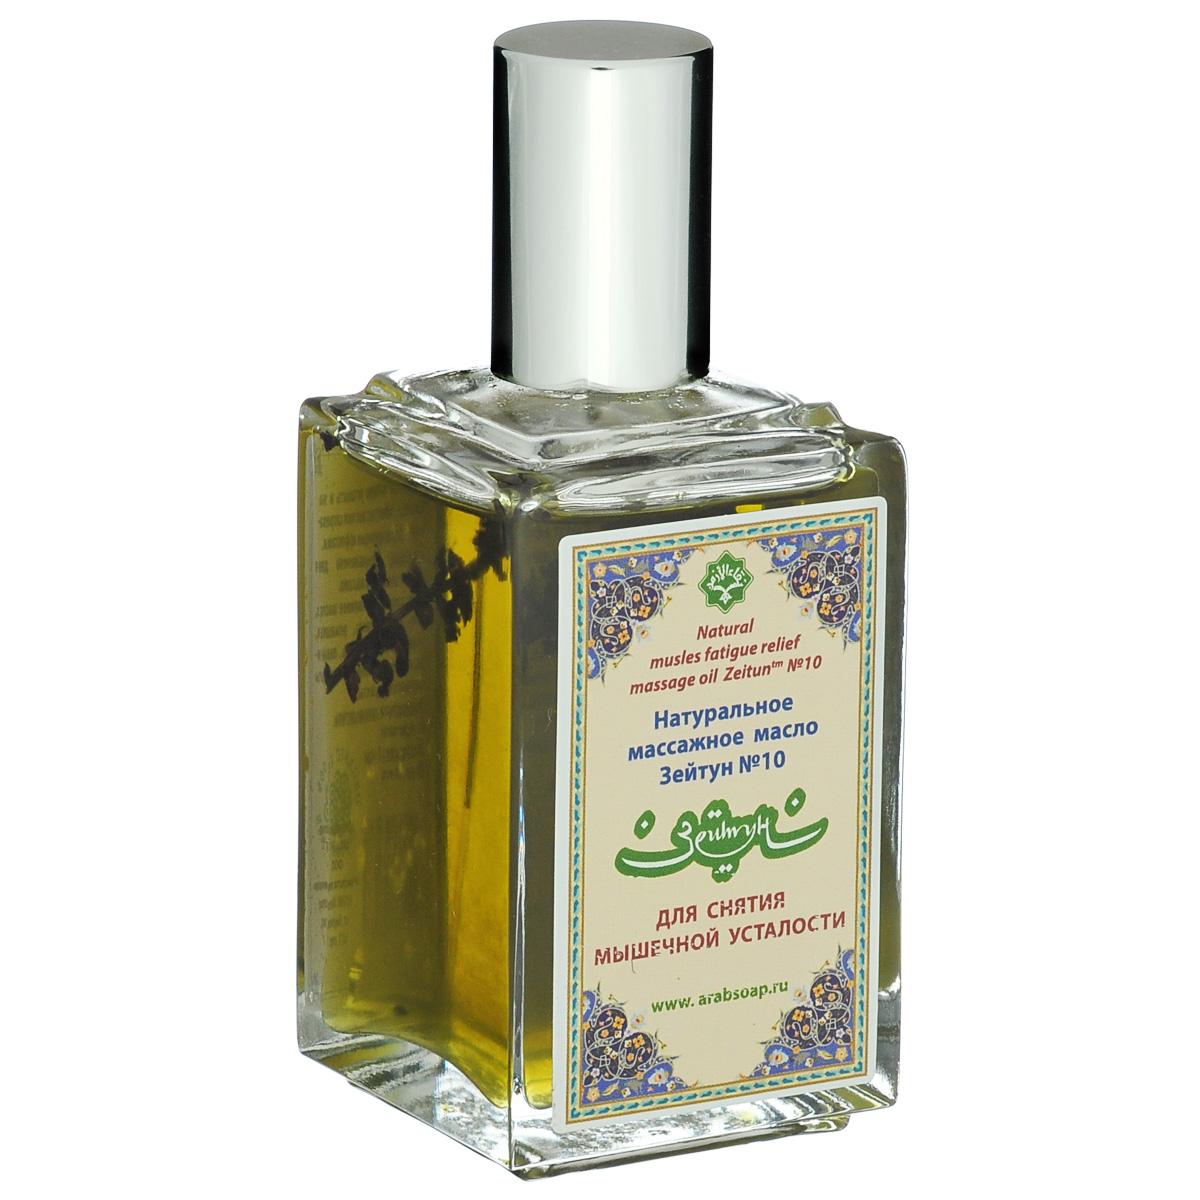 Зейтун Массажное масло №10 от мышечной усталости, 100 млFS-00897Снимает мышечную усталость и напряжение, обладает мягким согревающим и тонизирующим эффектами.